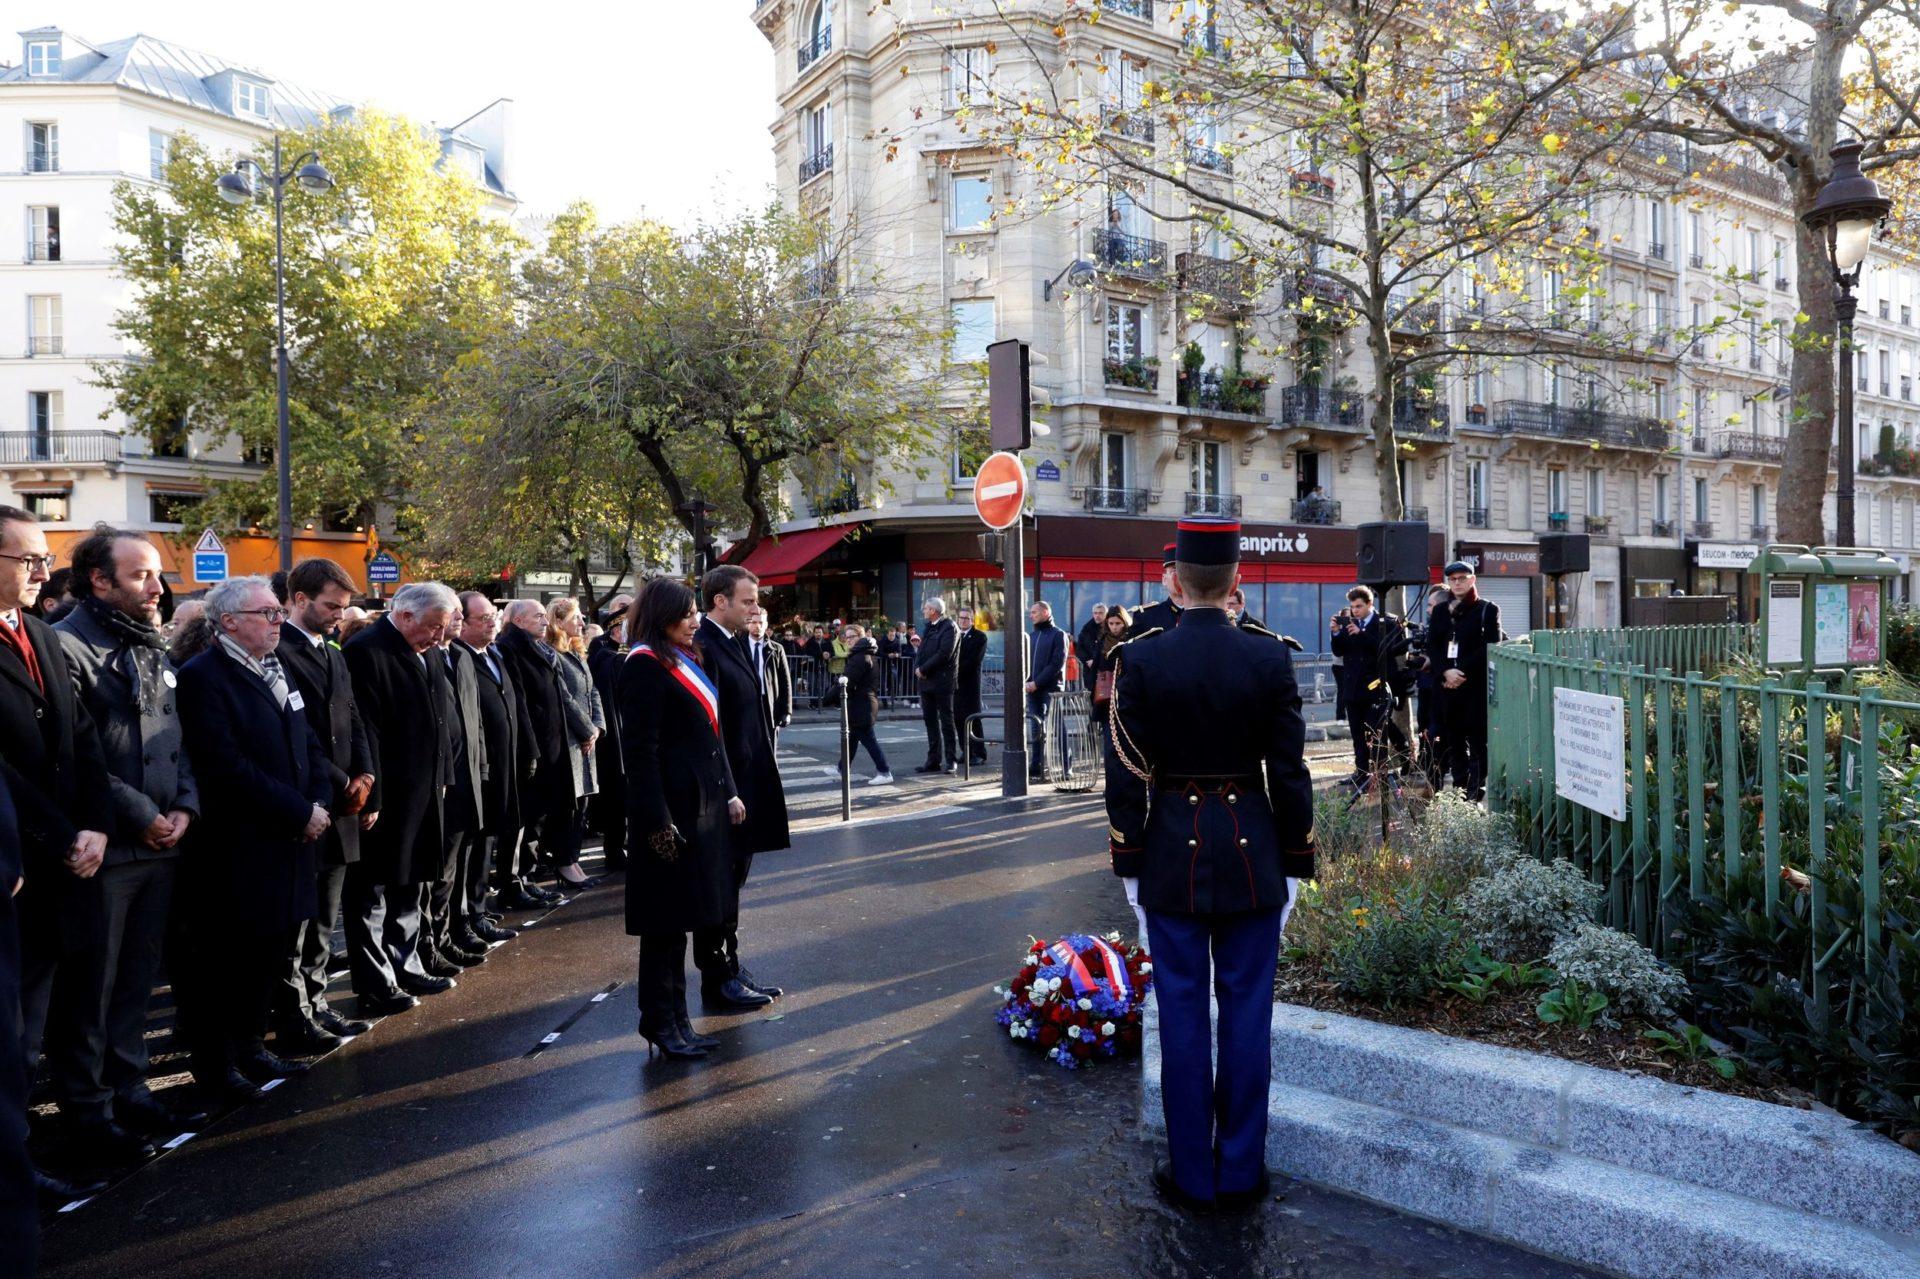 Francia recuerda a las víctimas dos años después de su peor atentado terrorista